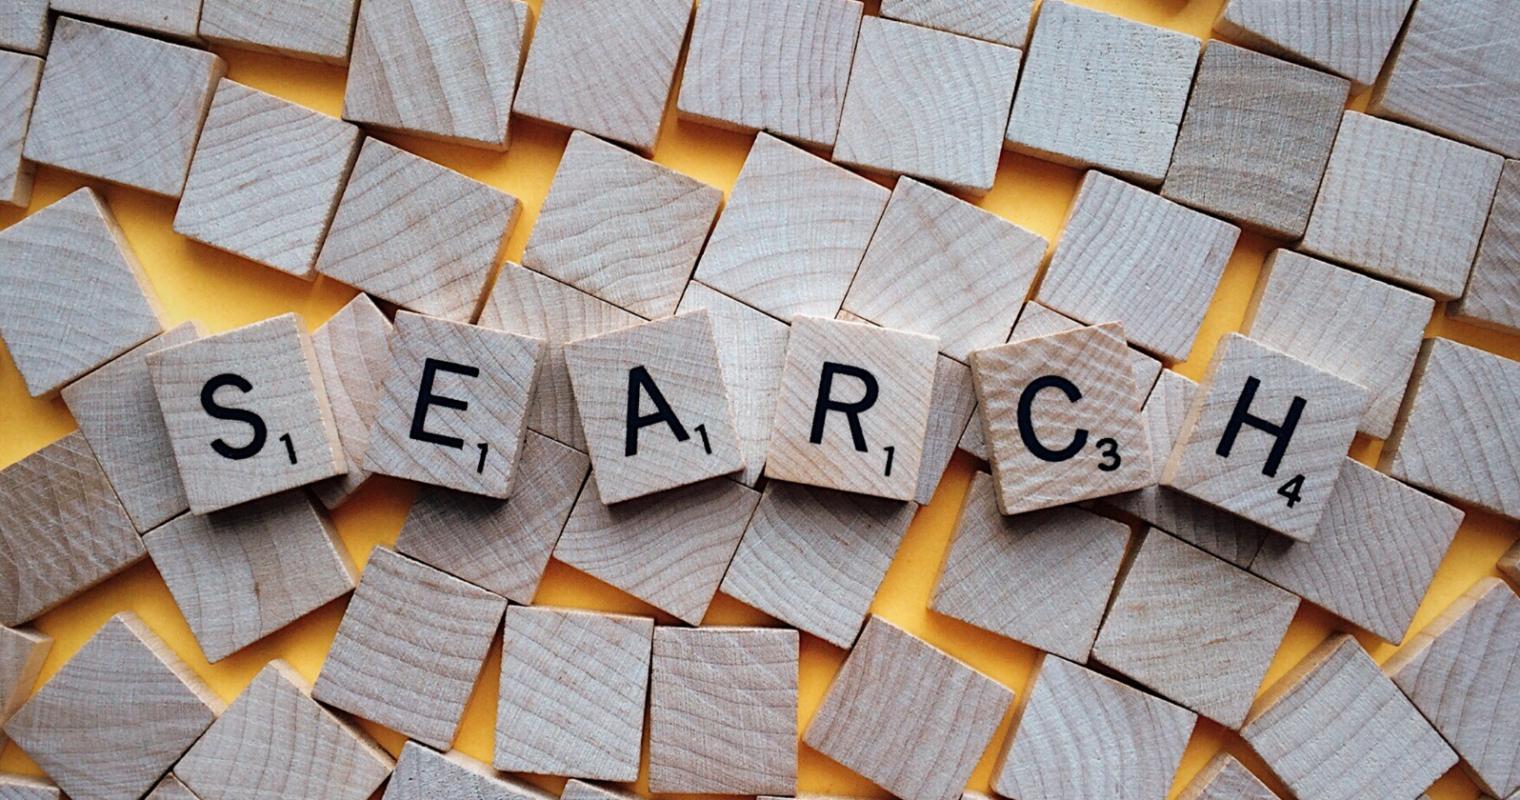 Co najczęściej szukały Polacy w Google w 2020 roku?